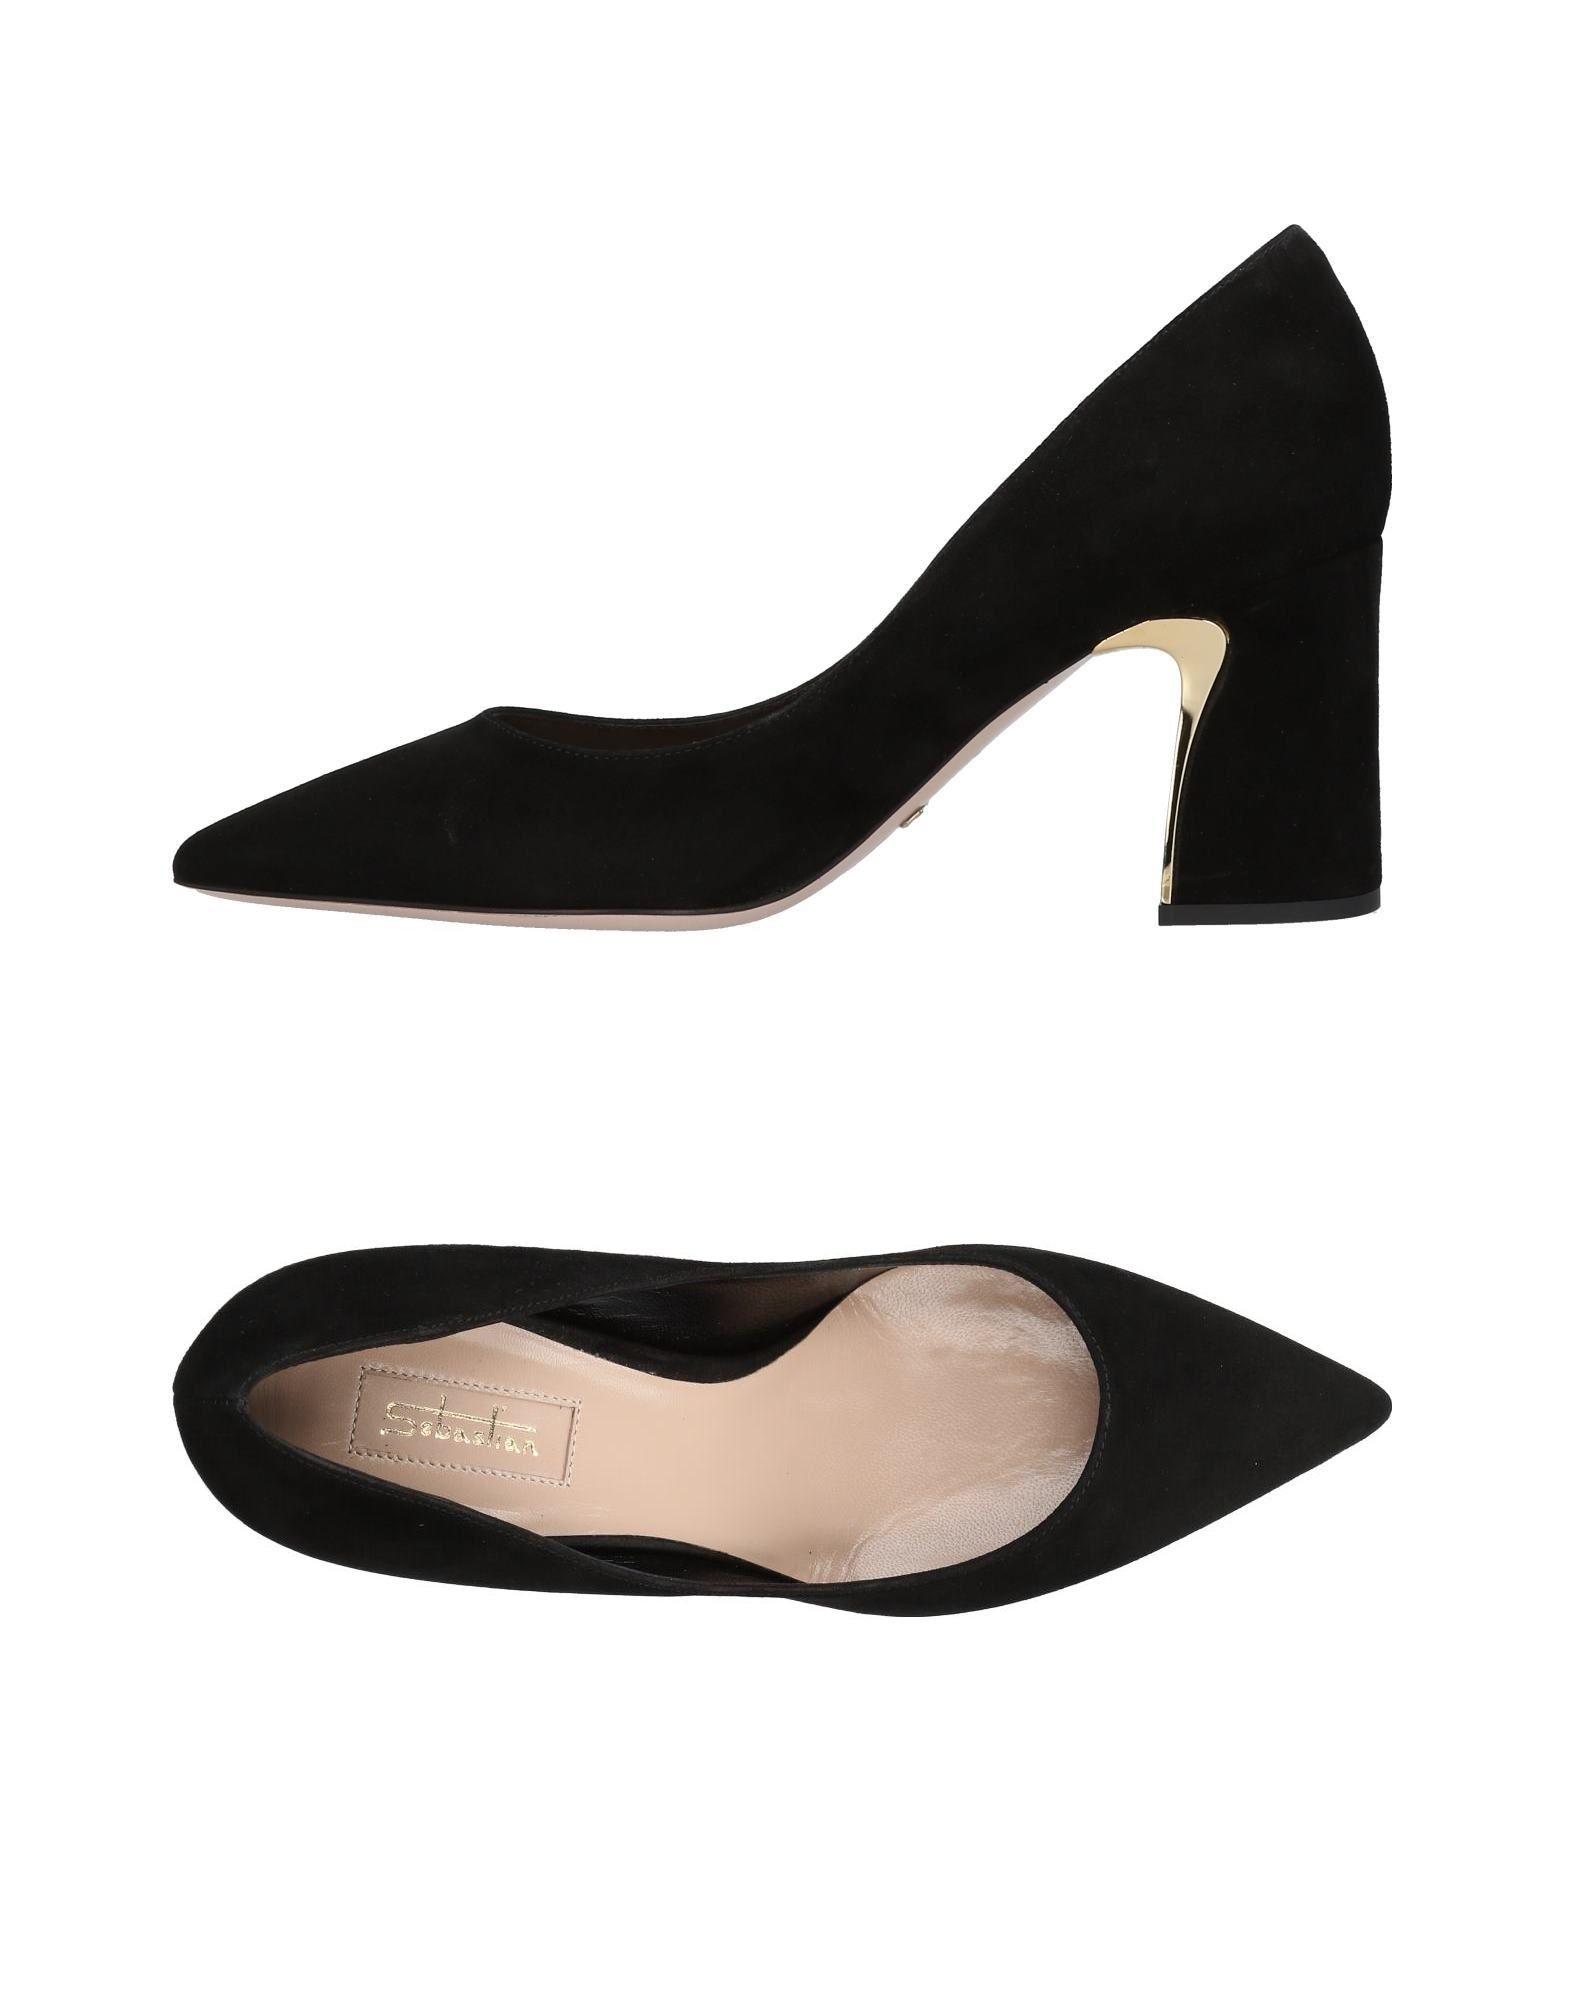 Rabatt Schuhe Sebastian Pumps Damen  11445753BI